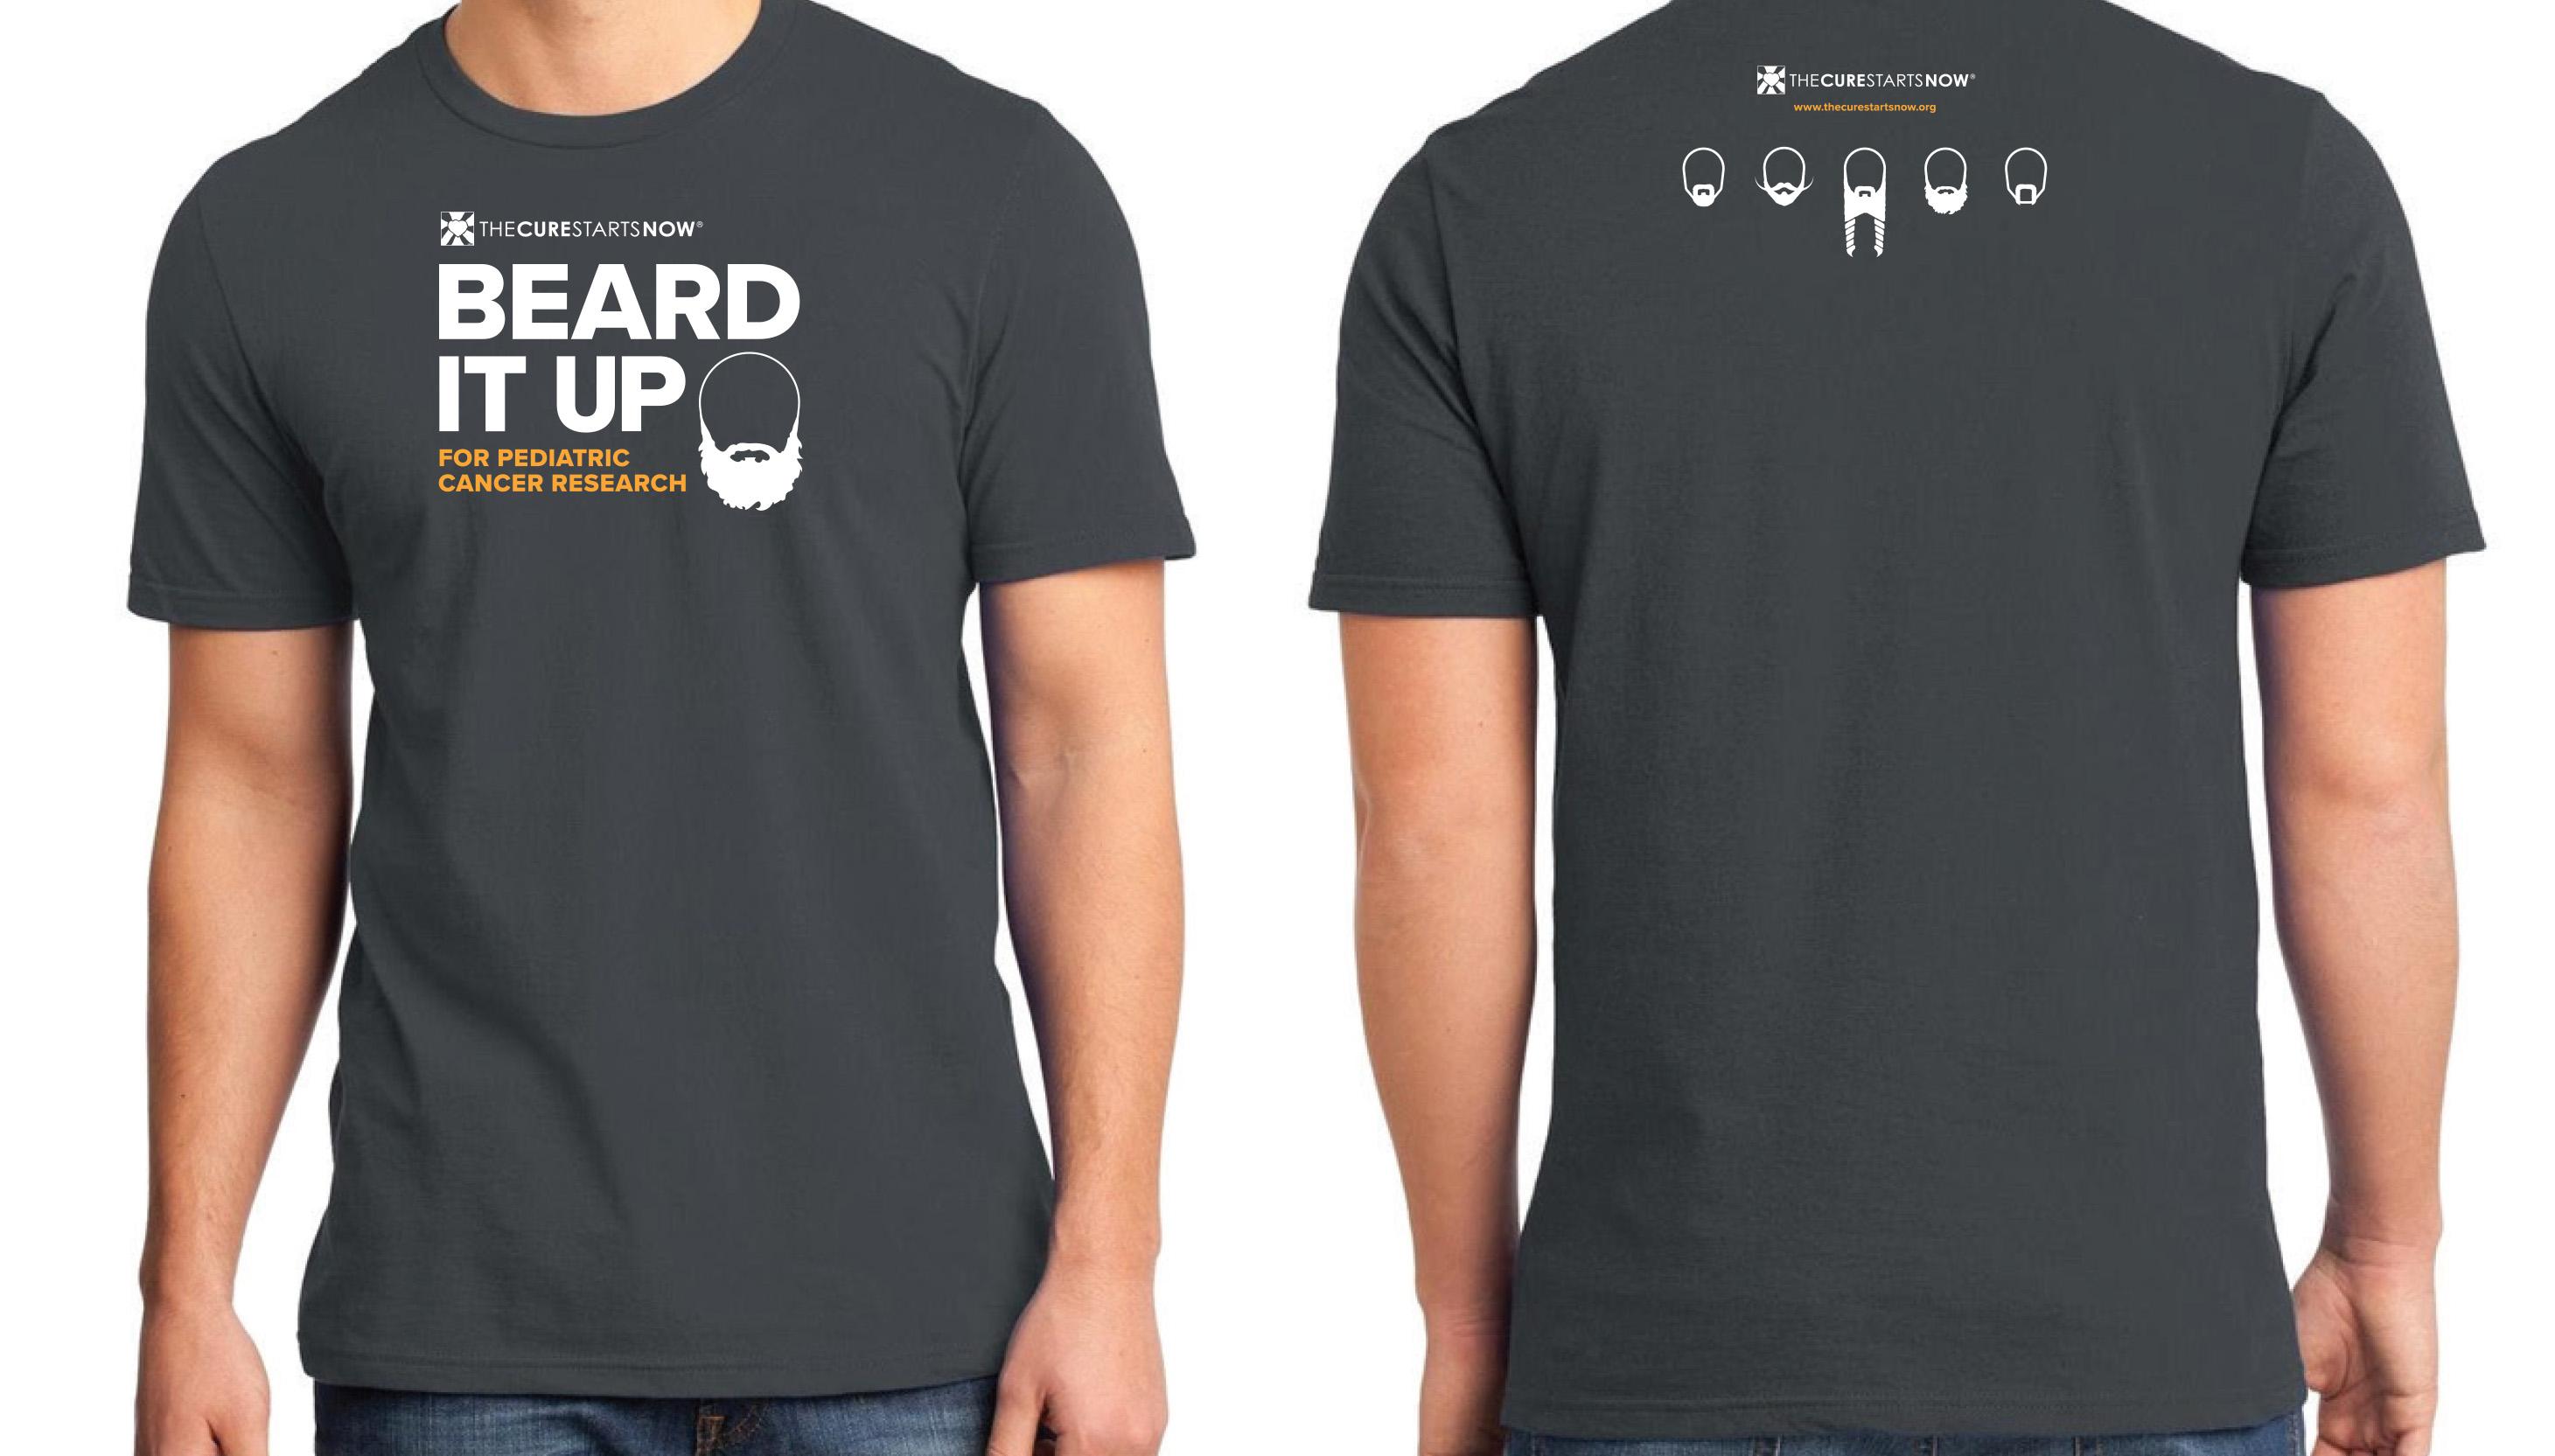 Beard It Up T-shirt Design 2018